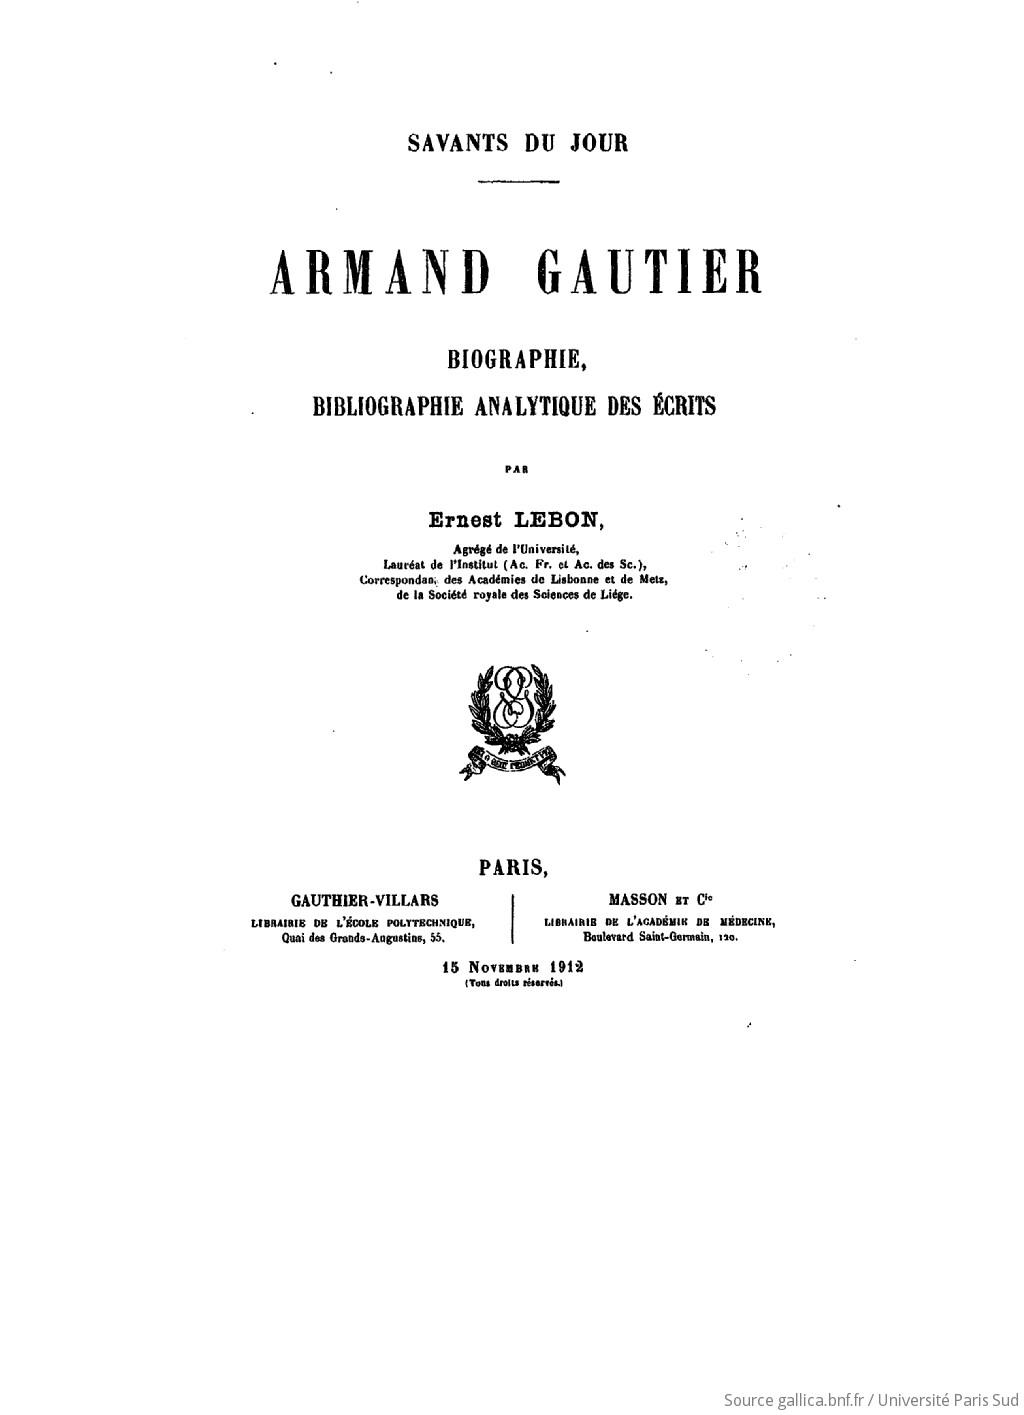 Savants du jour : biographie, bibliographie analytique des écrits. 6